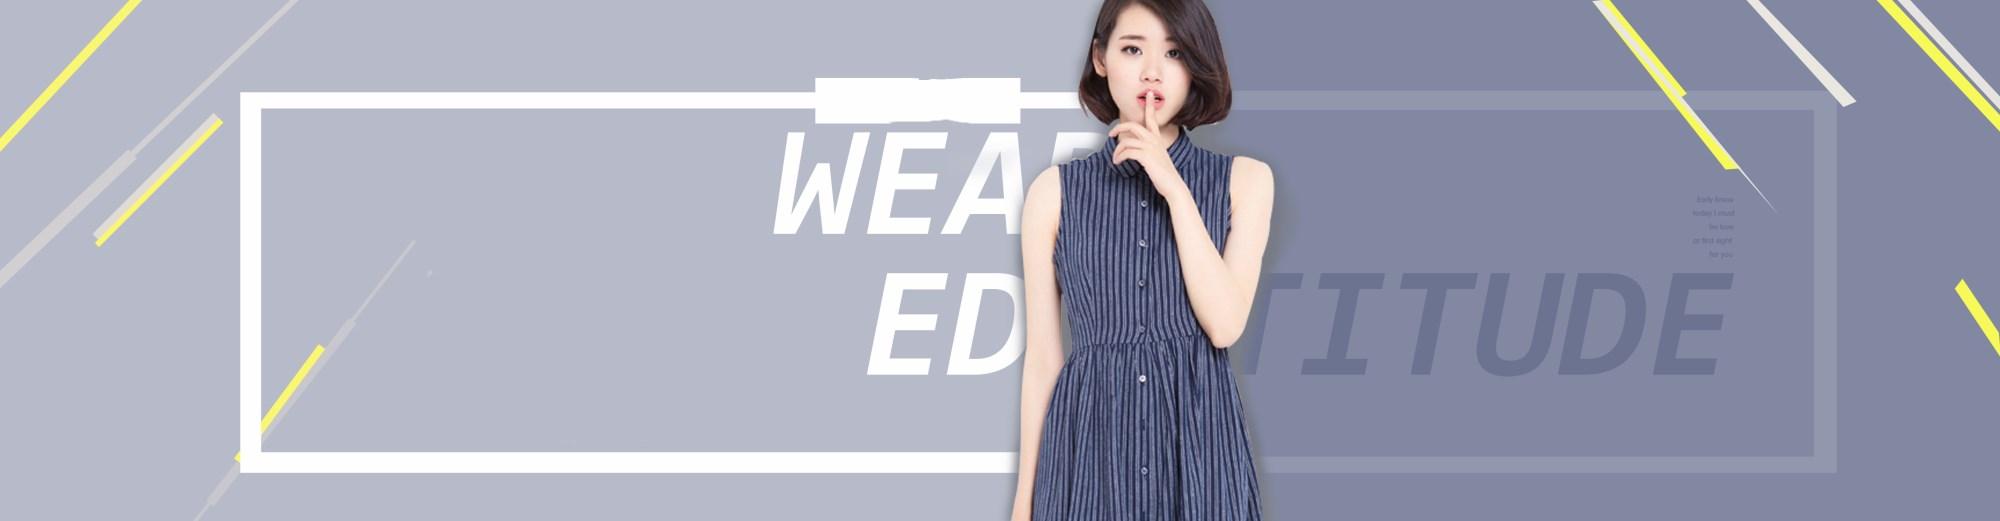 17c05253e3d6 Abbigliamento professionale per donna